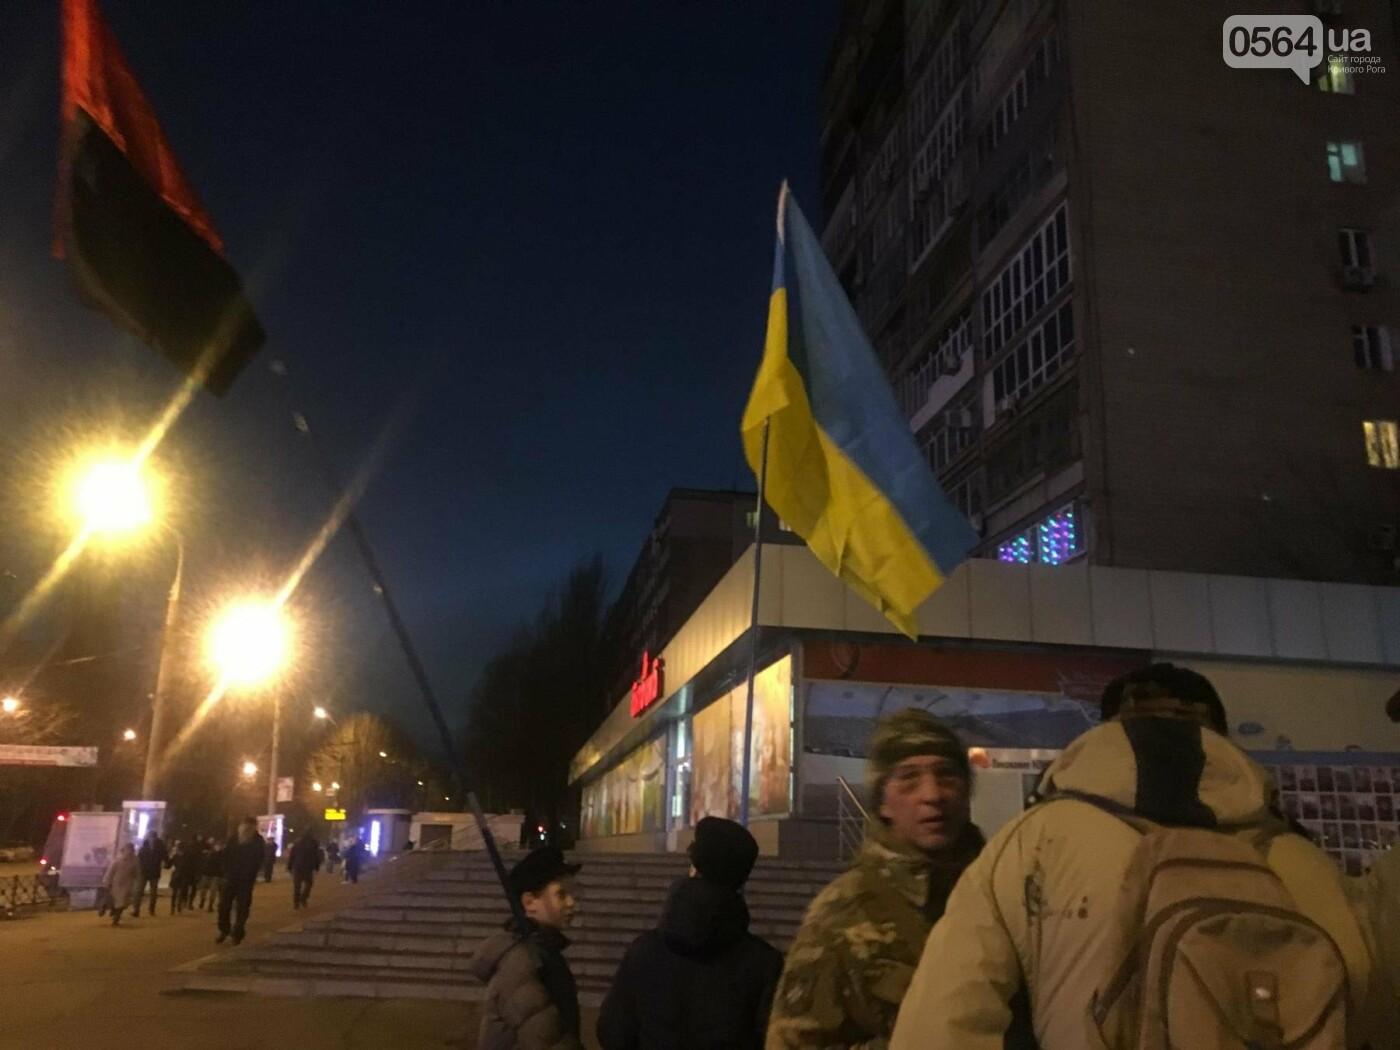 В Кривом Роге проходит Факельный марш в честь Дня рождения Степана Бандеры (ФОТО, ВИДЕО), фото-25